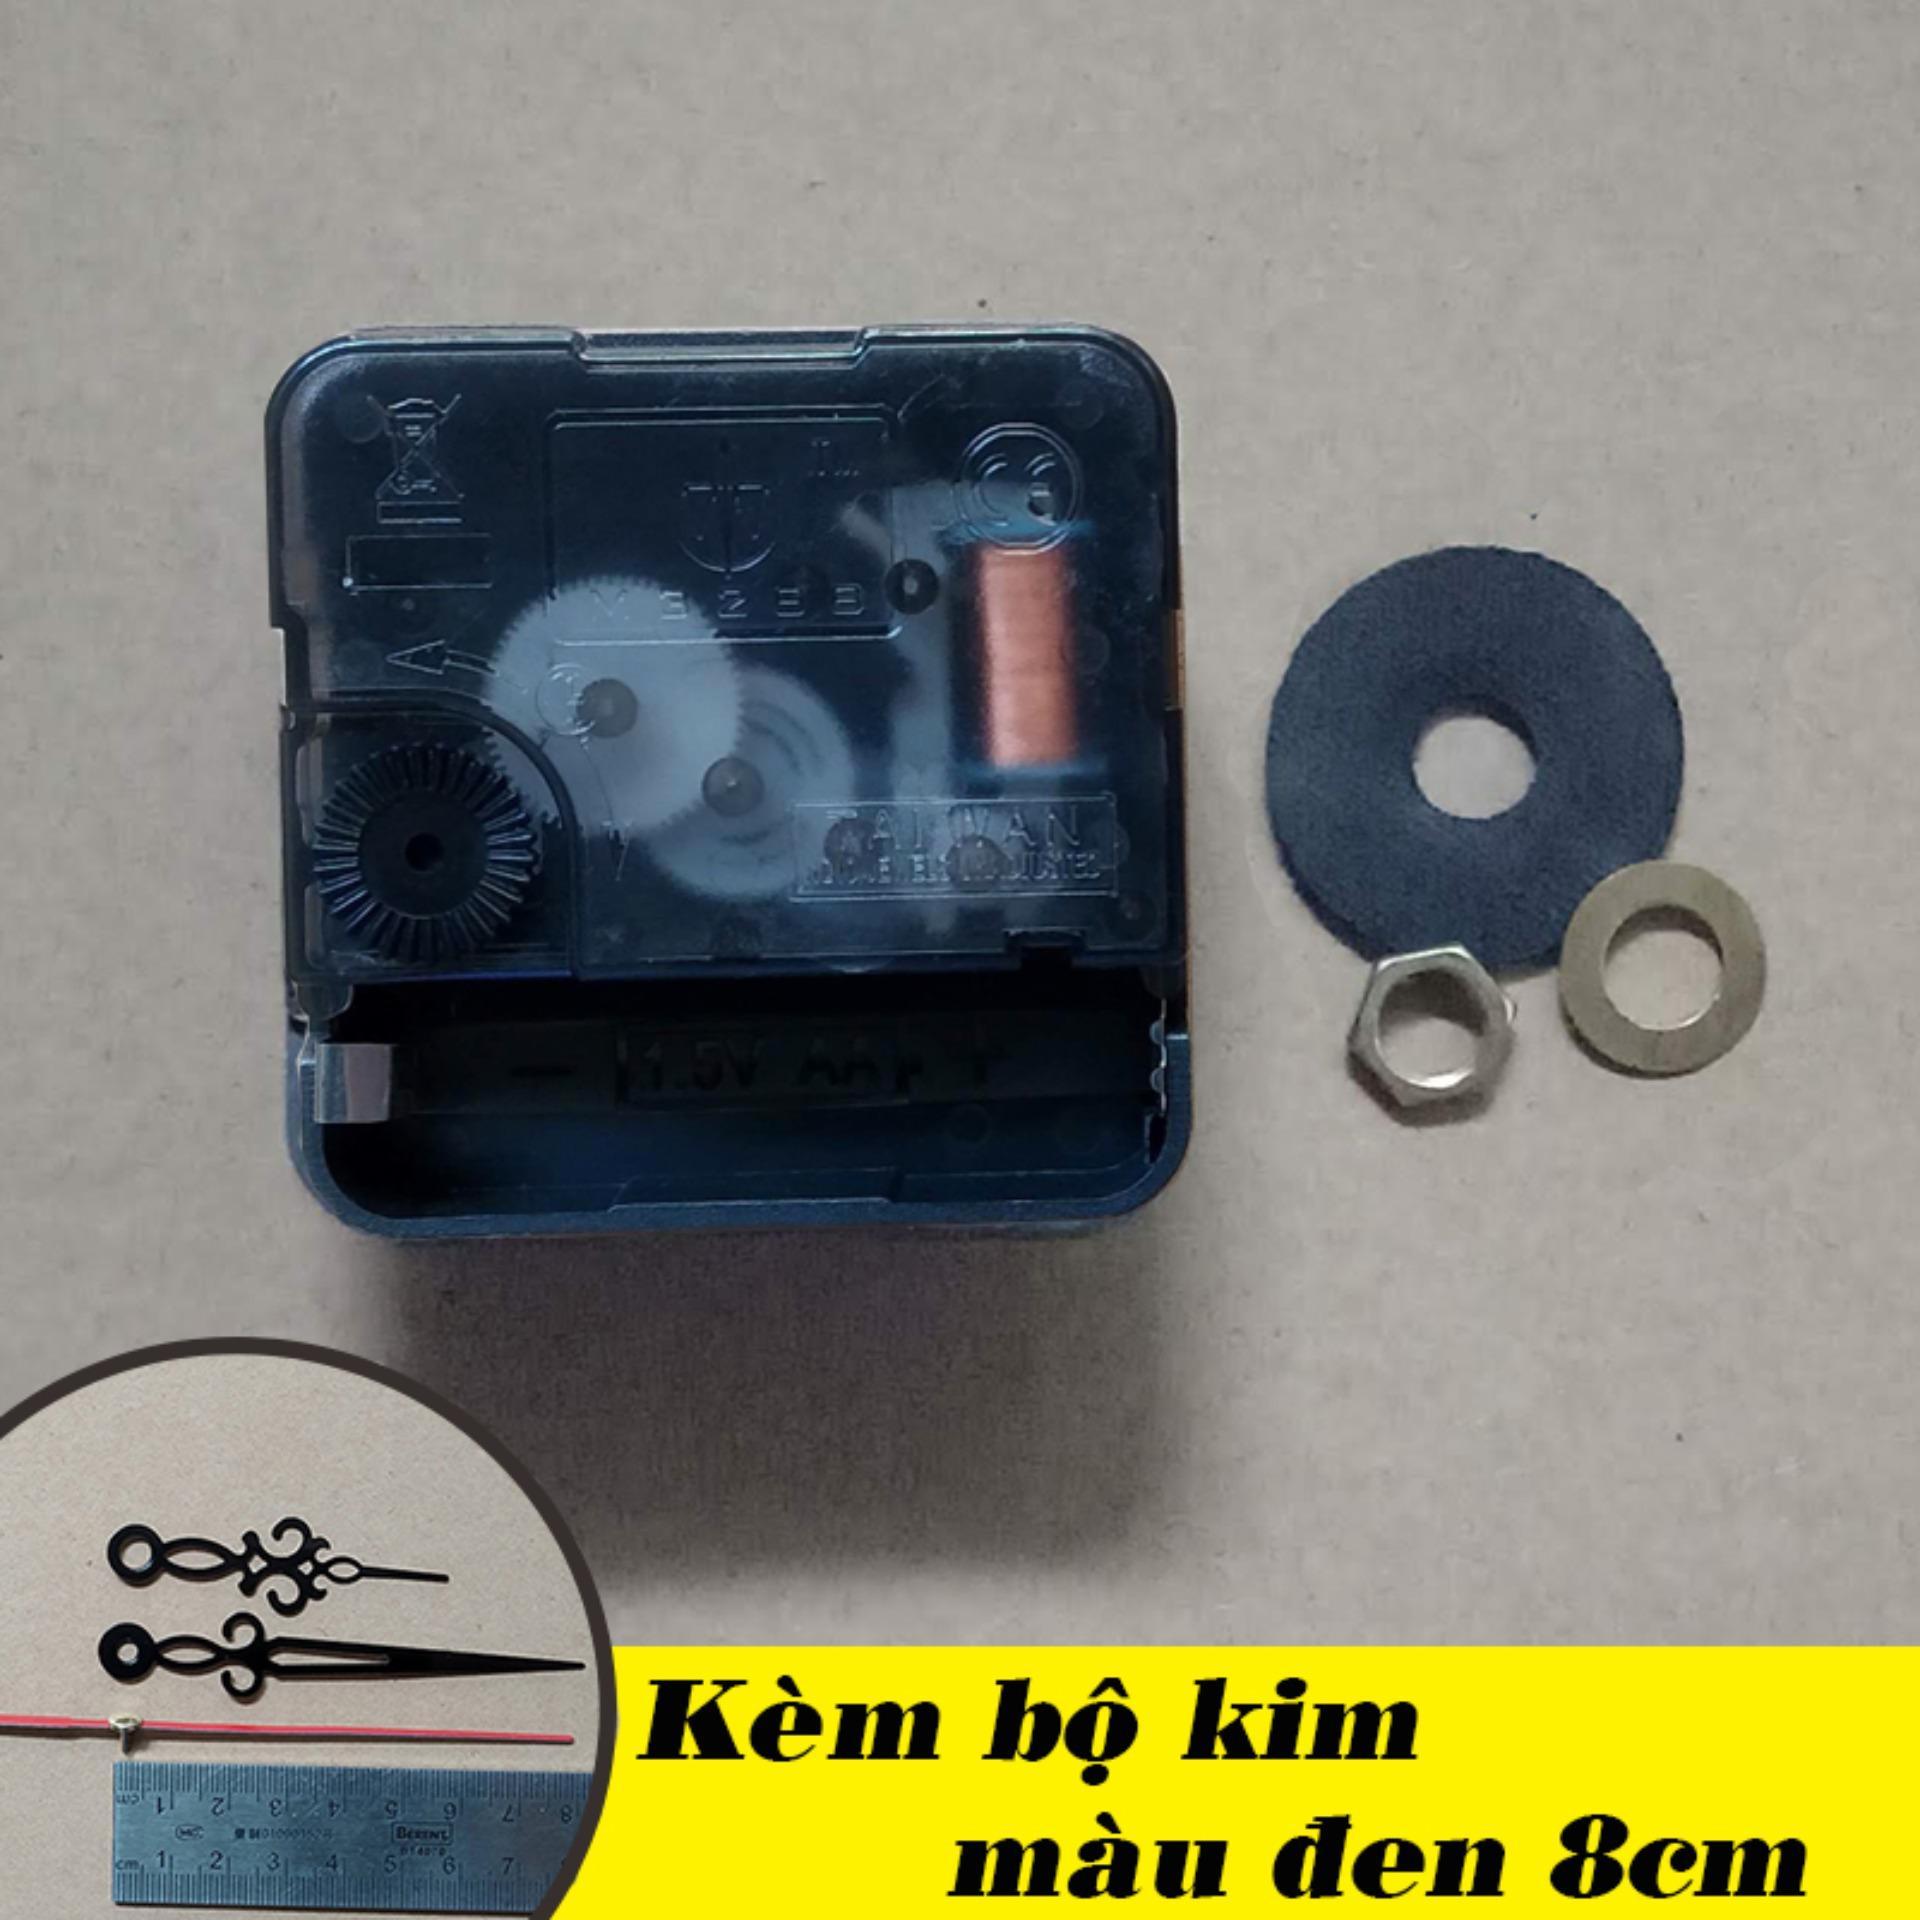 Nơi bán Bộ kim đen 8cm và Máy đồng hồ treo tường Taiwan kim giật M3288